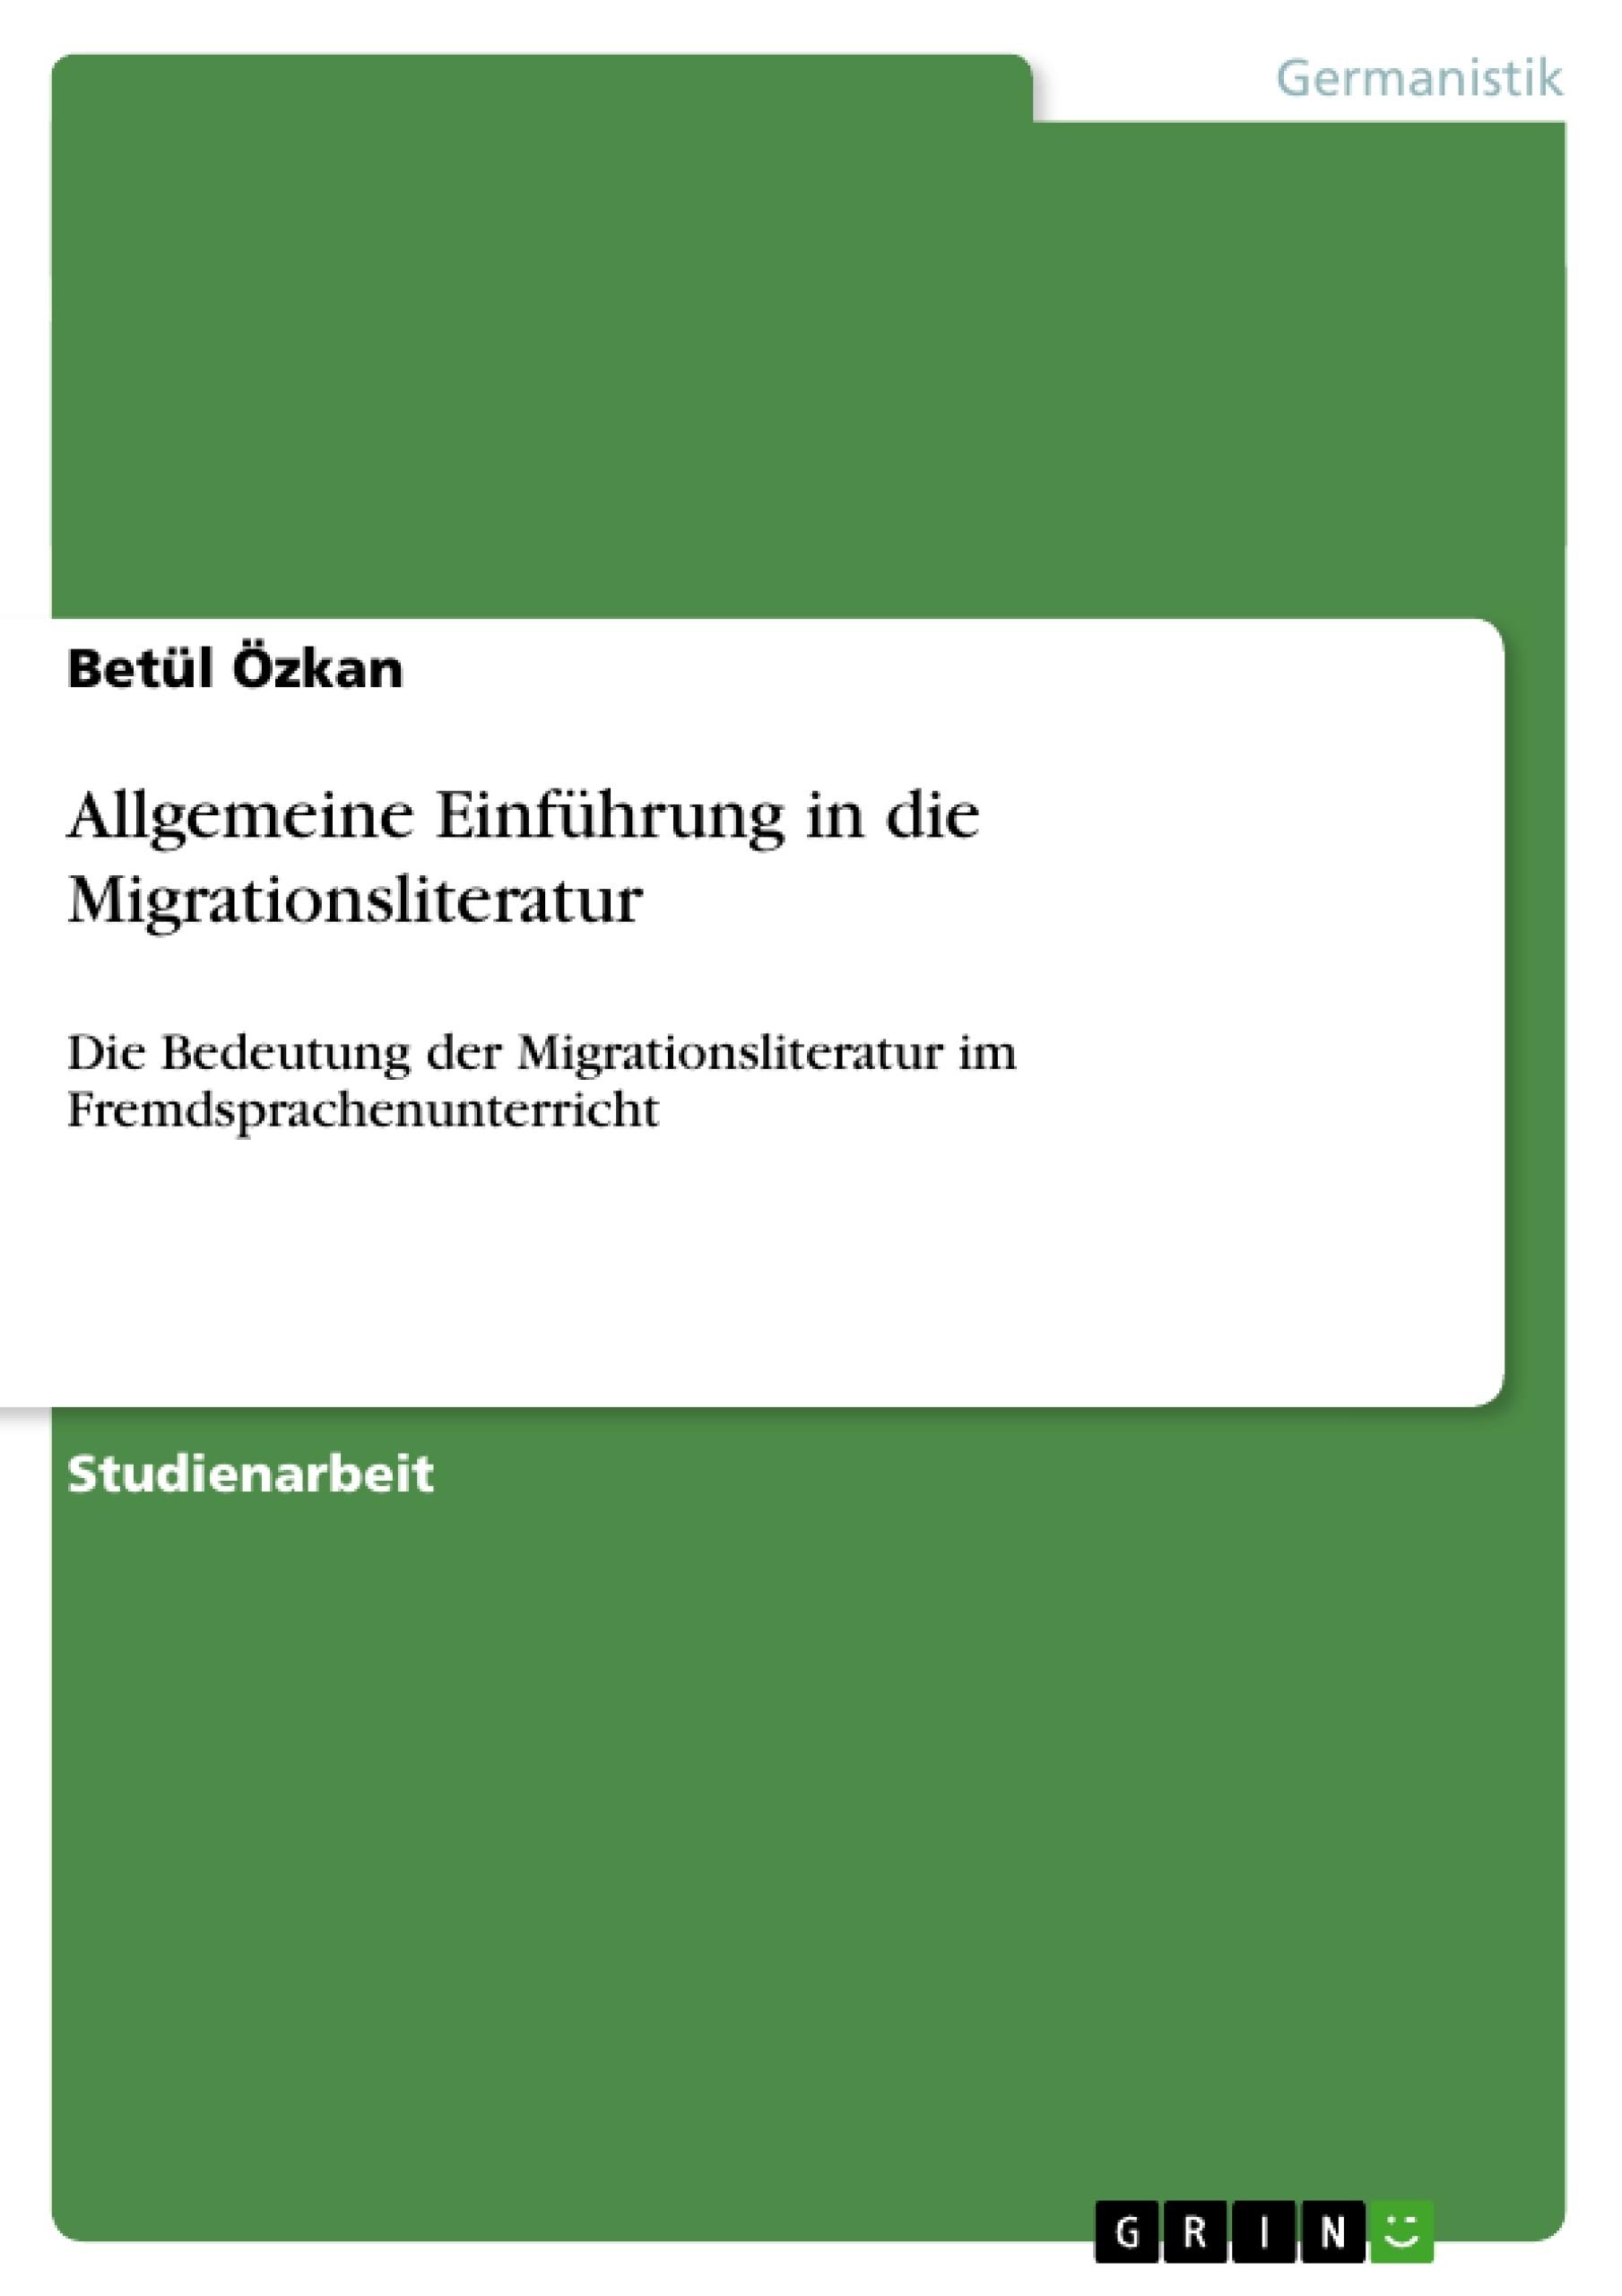 Titel: Allgemeine Einführung in die Migrationsliteratur